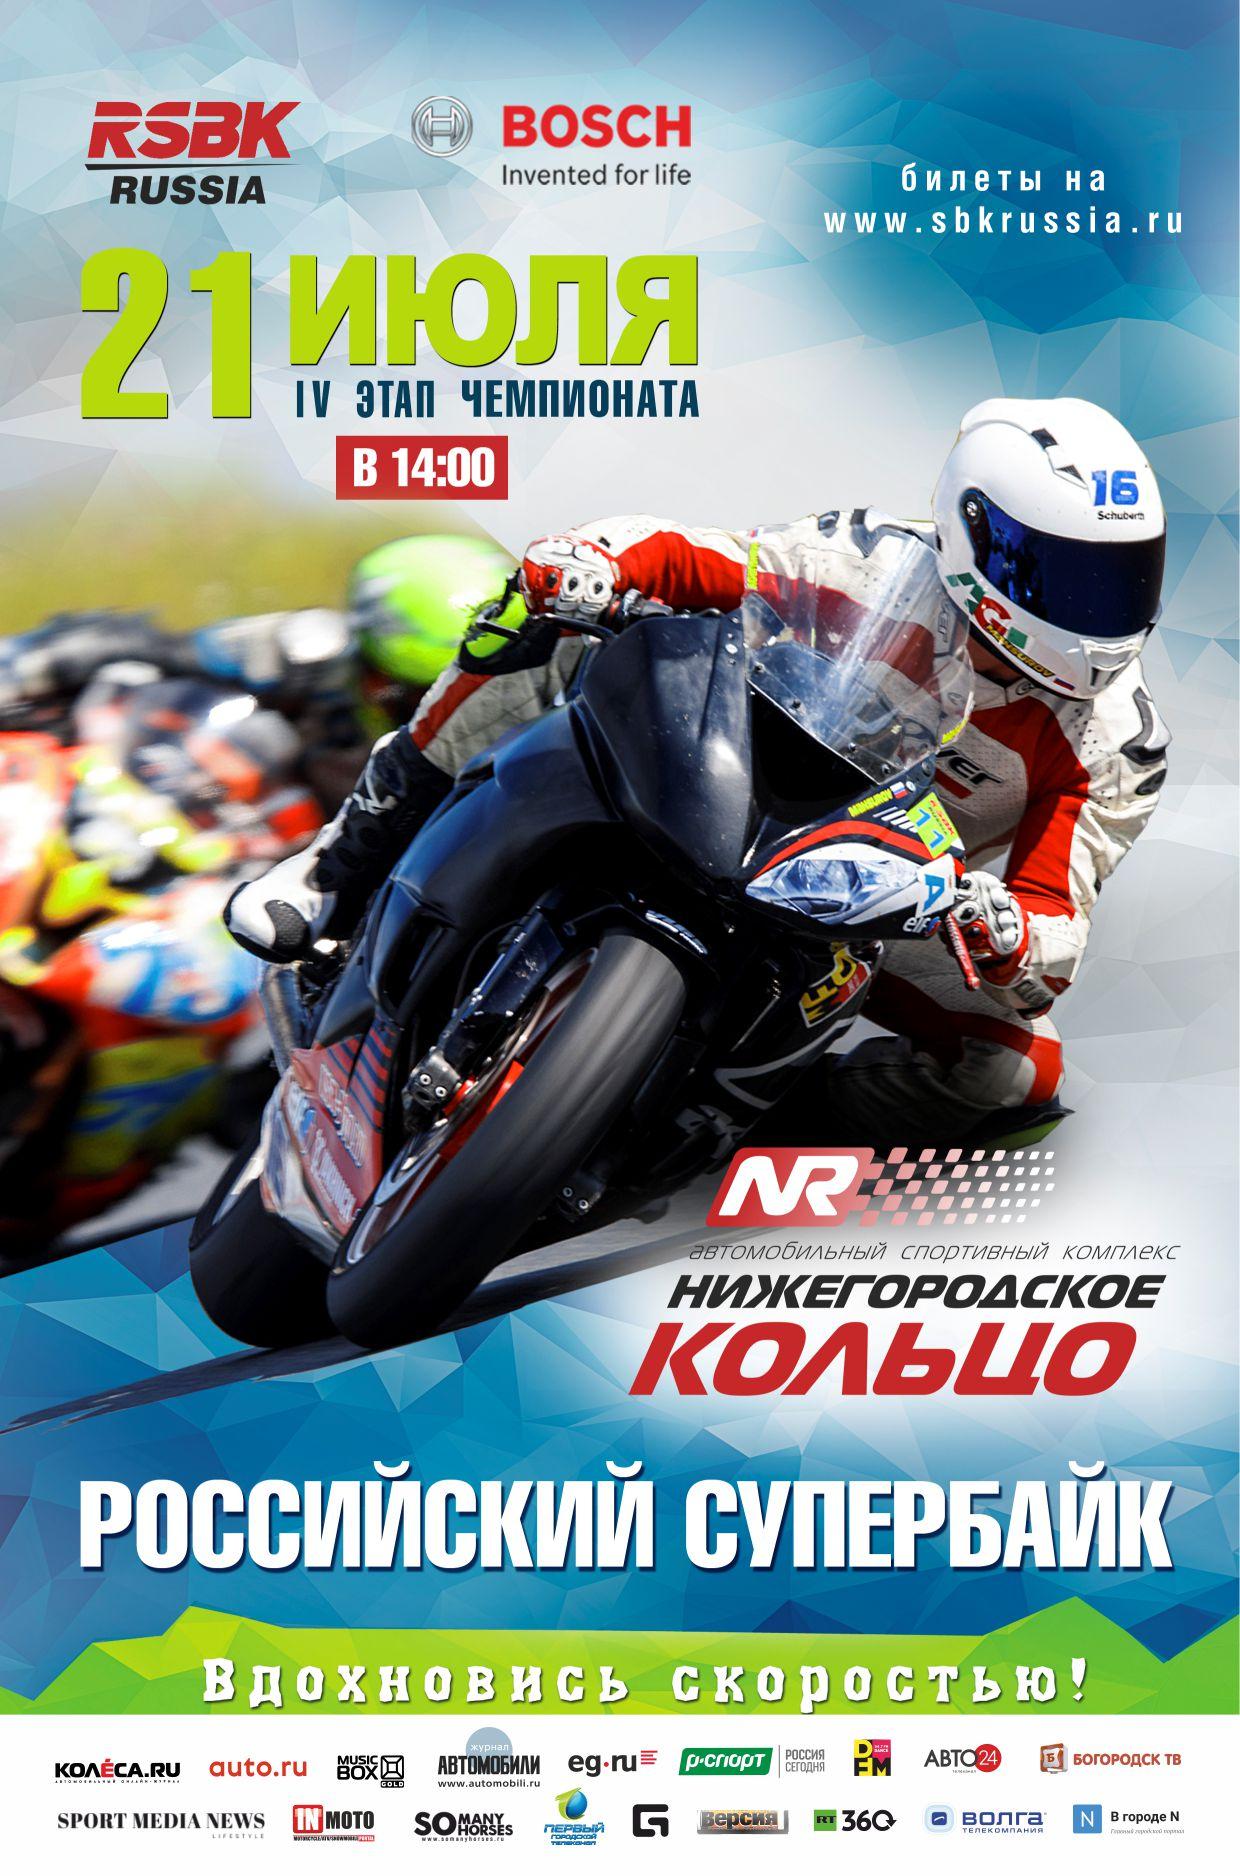 Лучшие мотогонщики страны сразятся на «Нижегородском кольце»